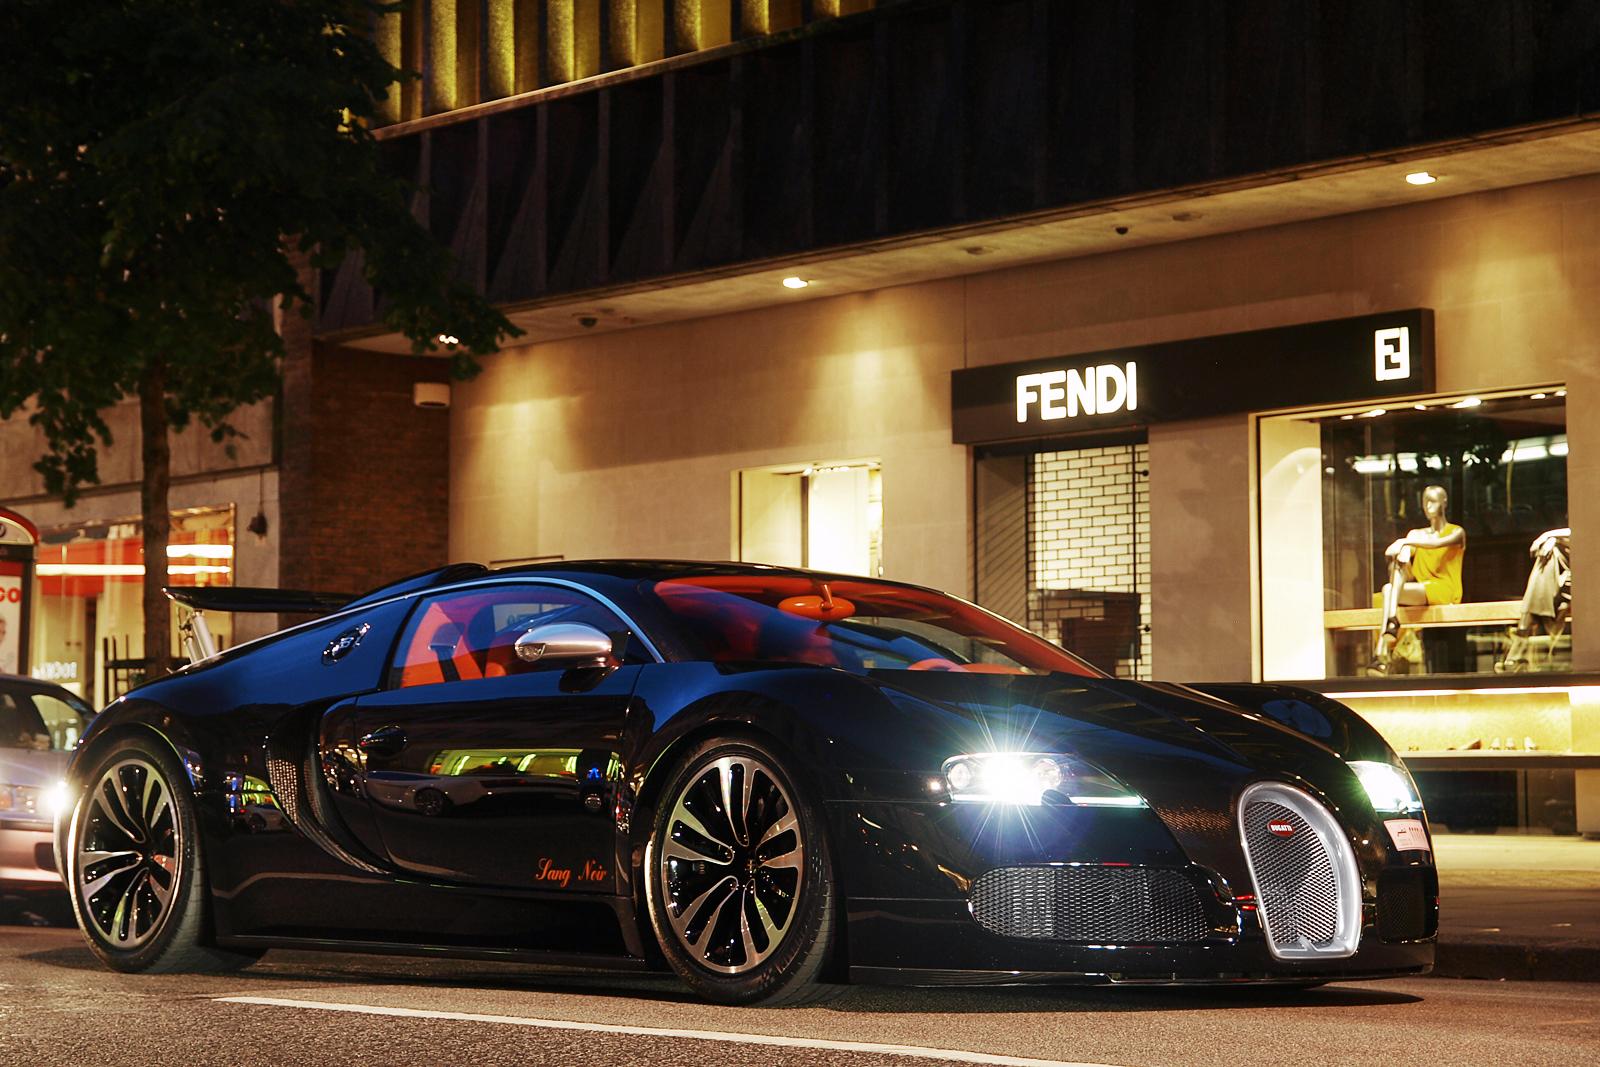 Wallpaper London Road Lamborghini Sports Car Ferrari Money